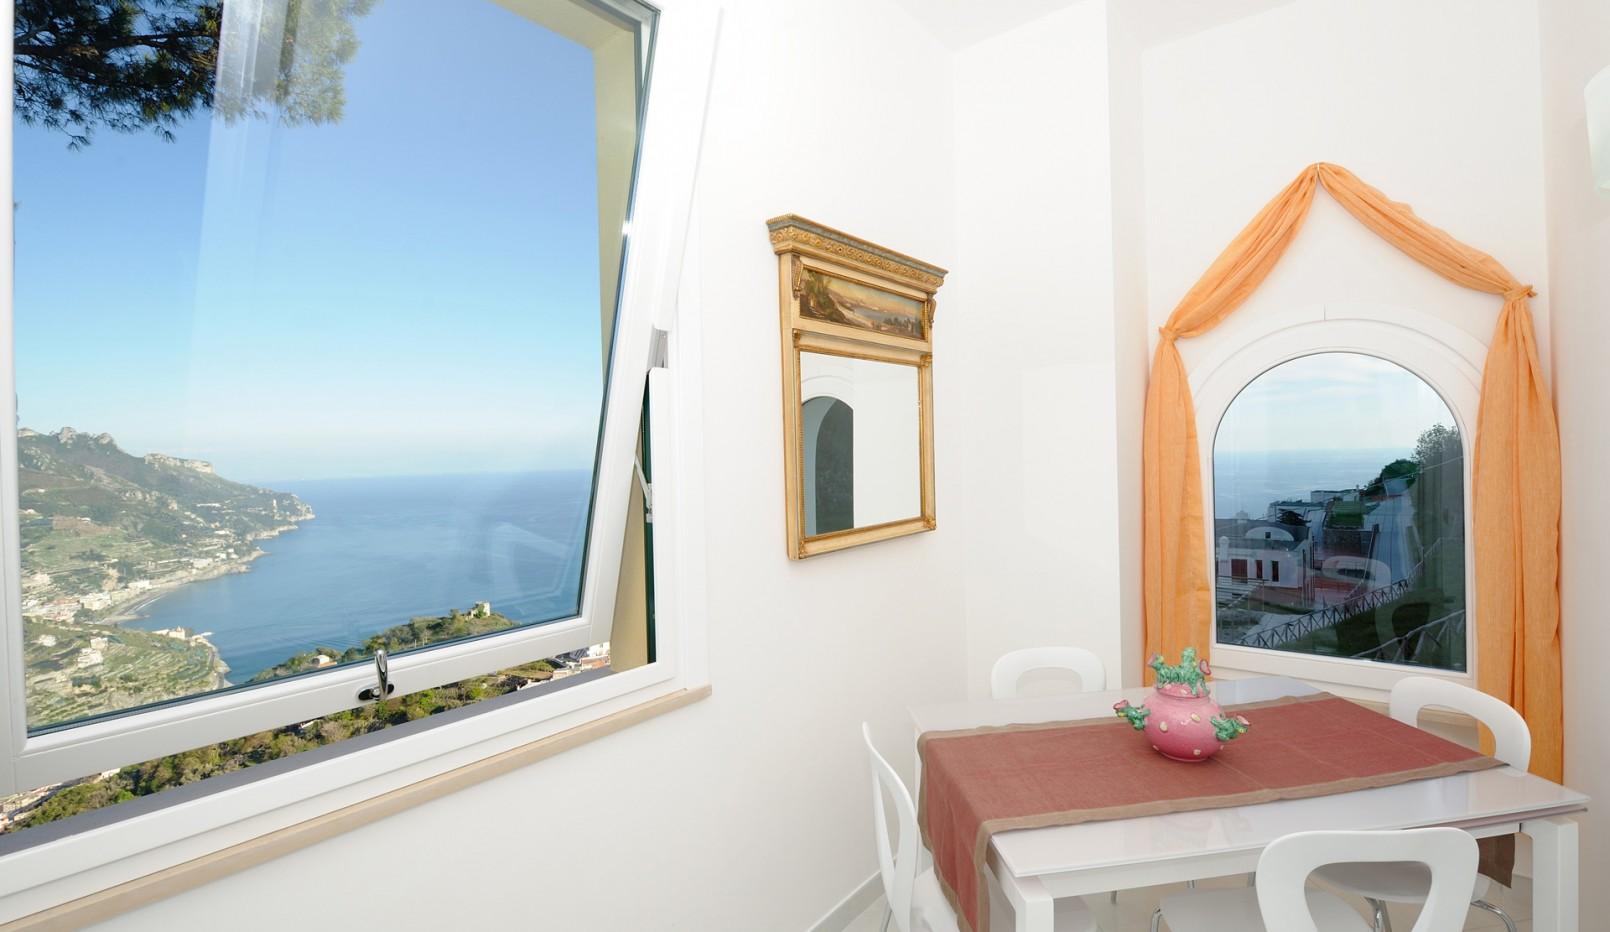 Camera Bacco panorama - La Dolce Vita Ravello